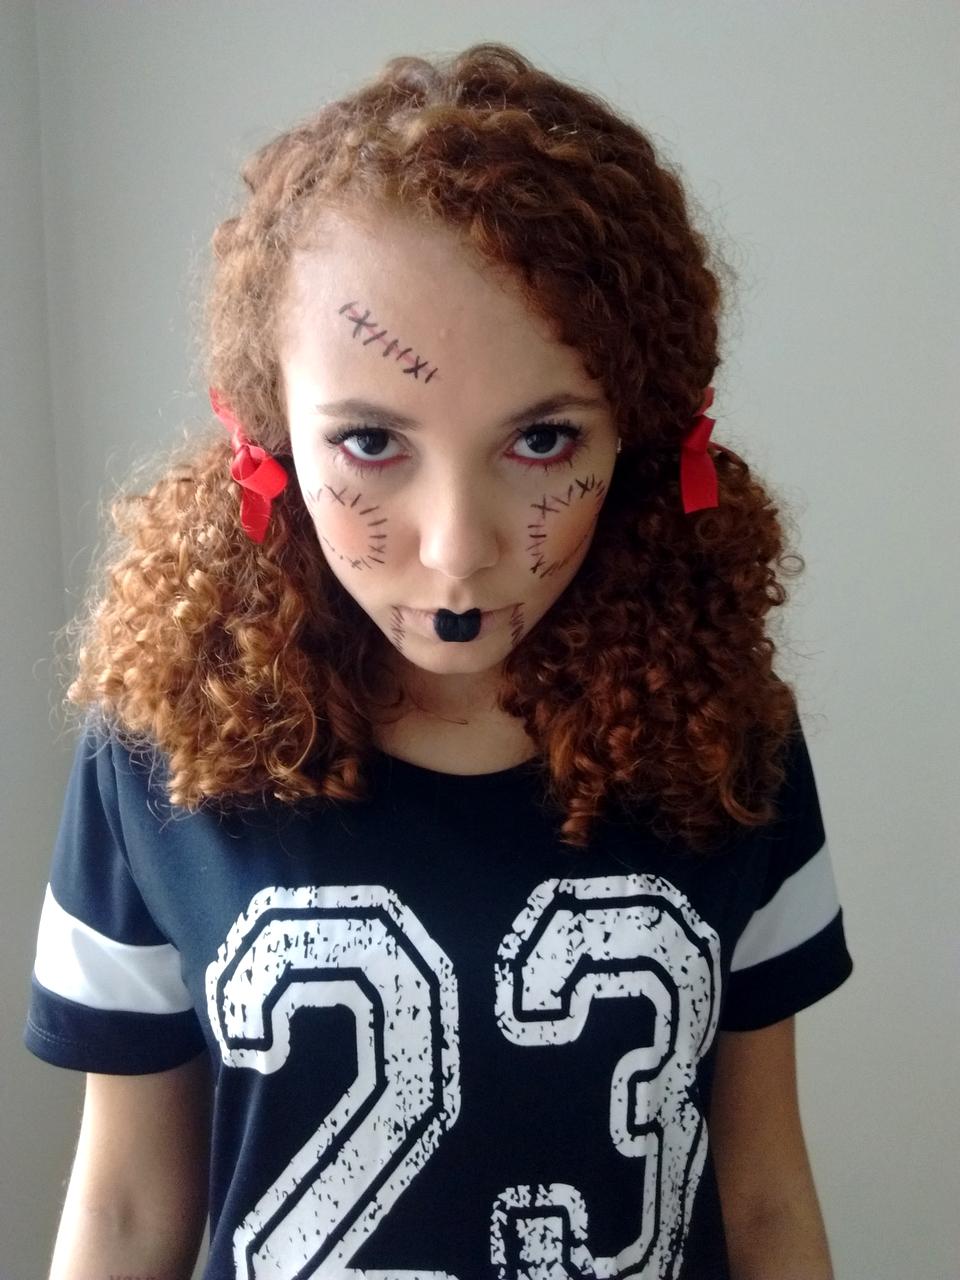 Fantasia Halloween